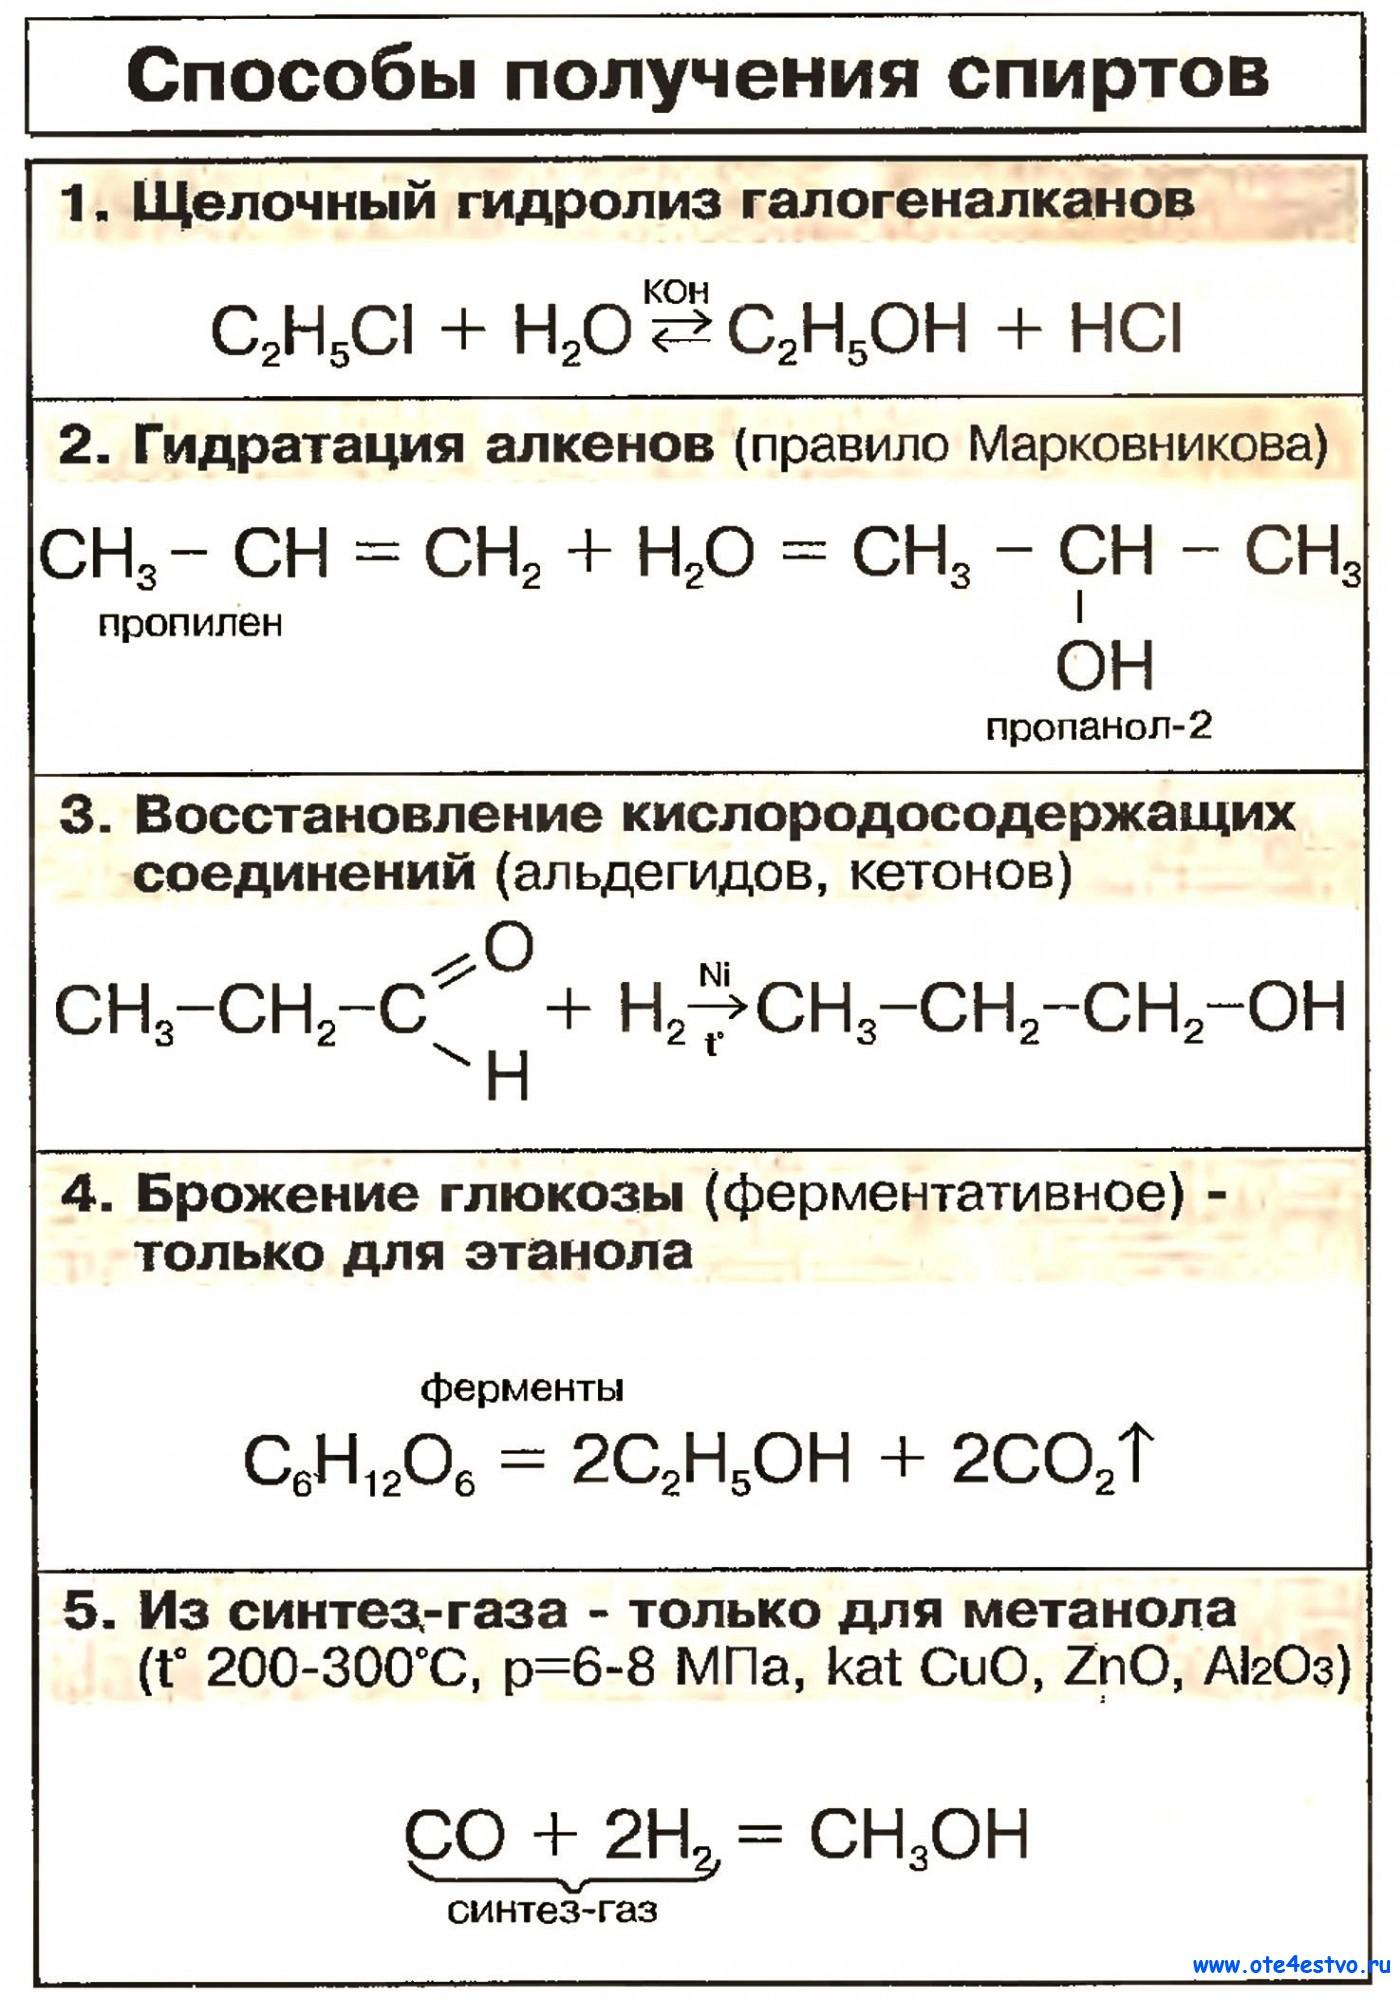 Как из спирта сделать кислоту